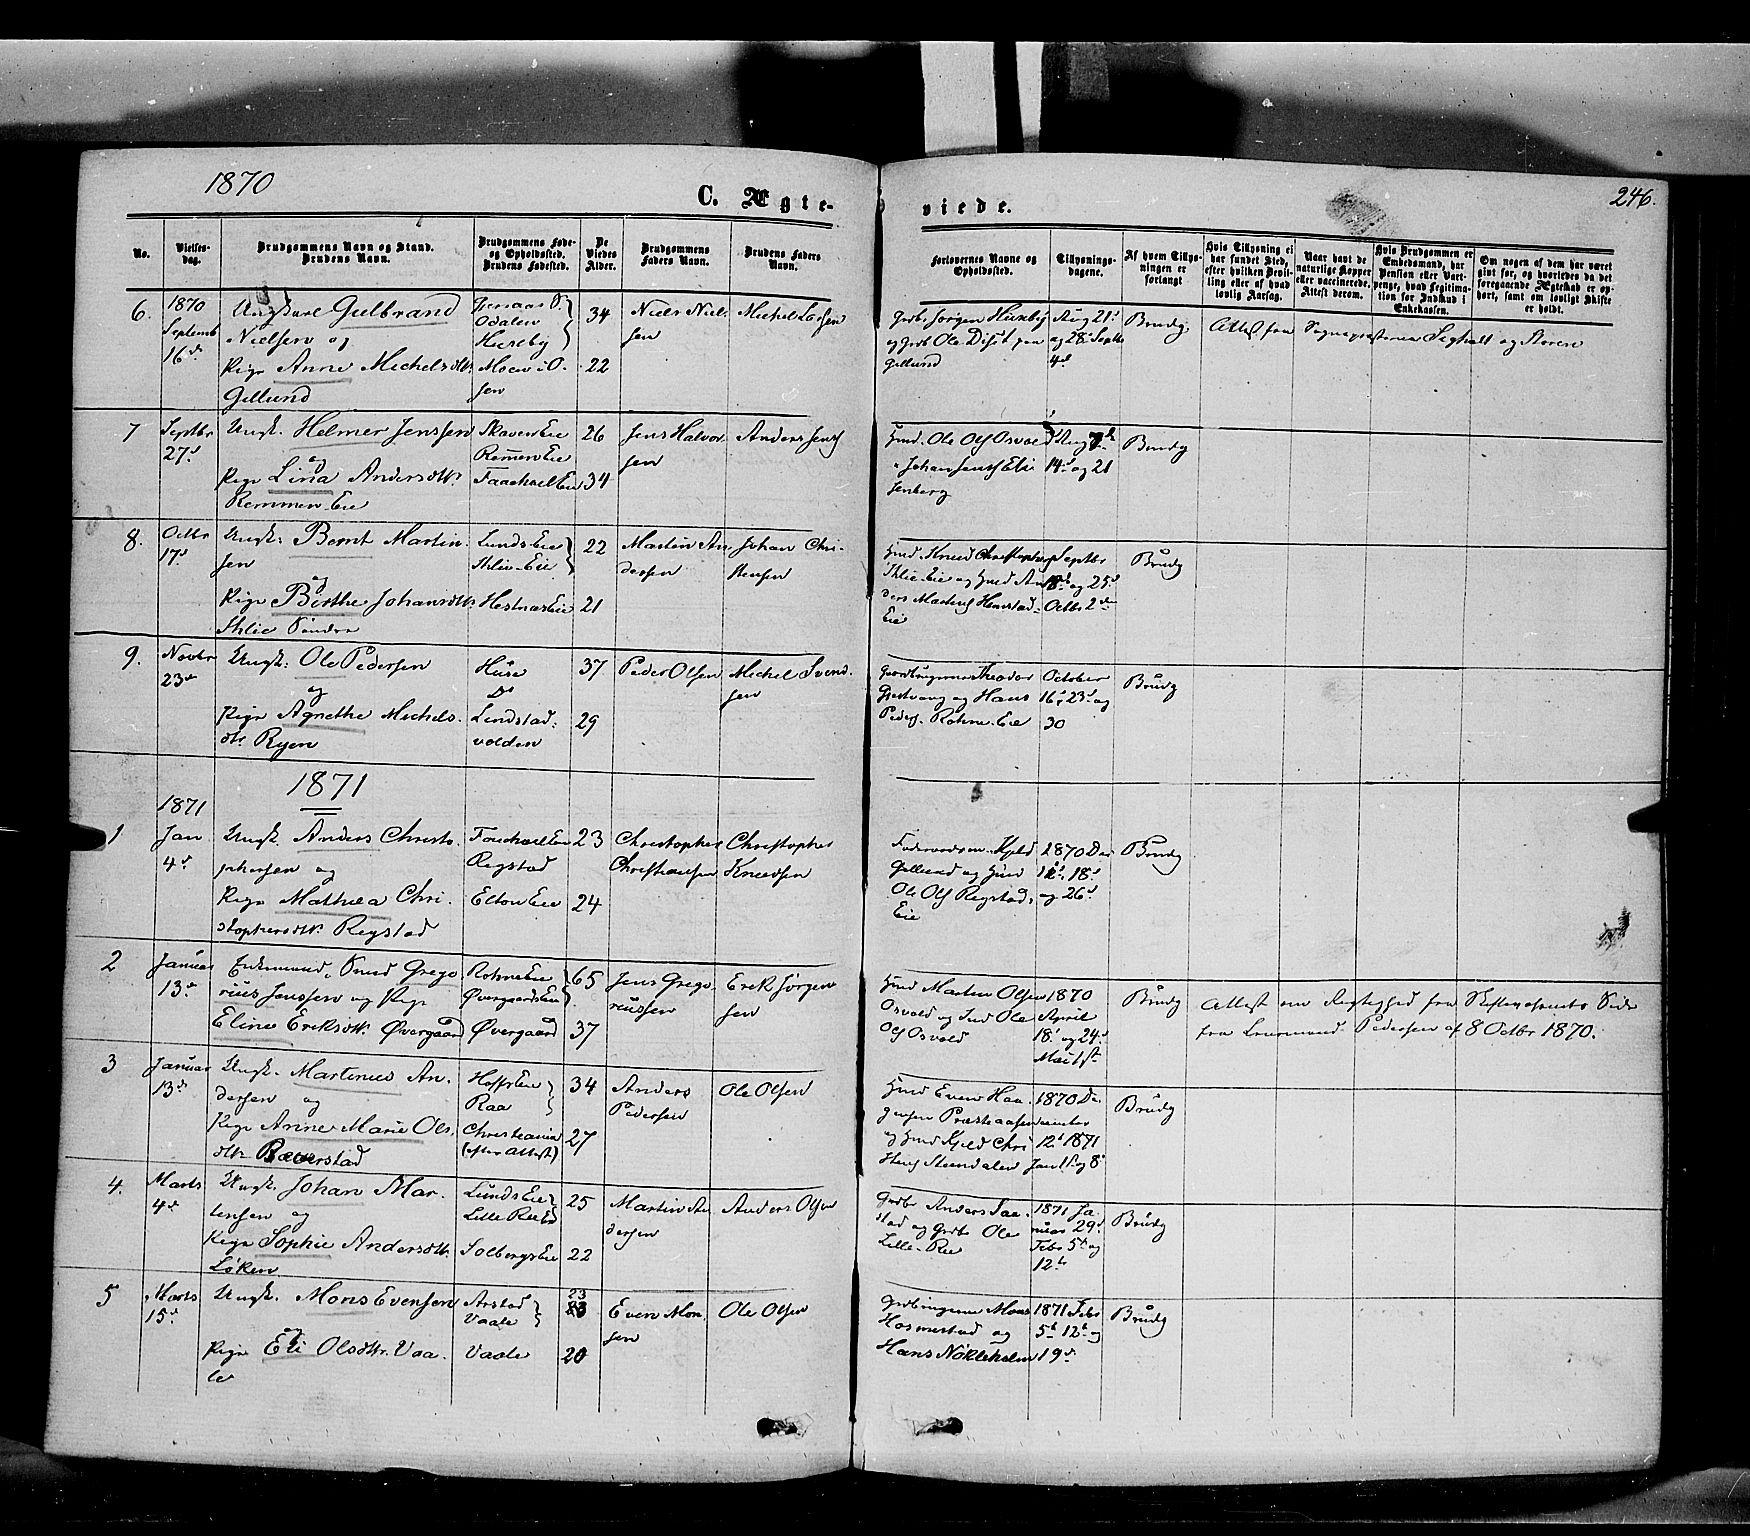 SAH, Stange prestekontor, K/L0013: Parish register (official) no. 13, 1862-1879, p. 246